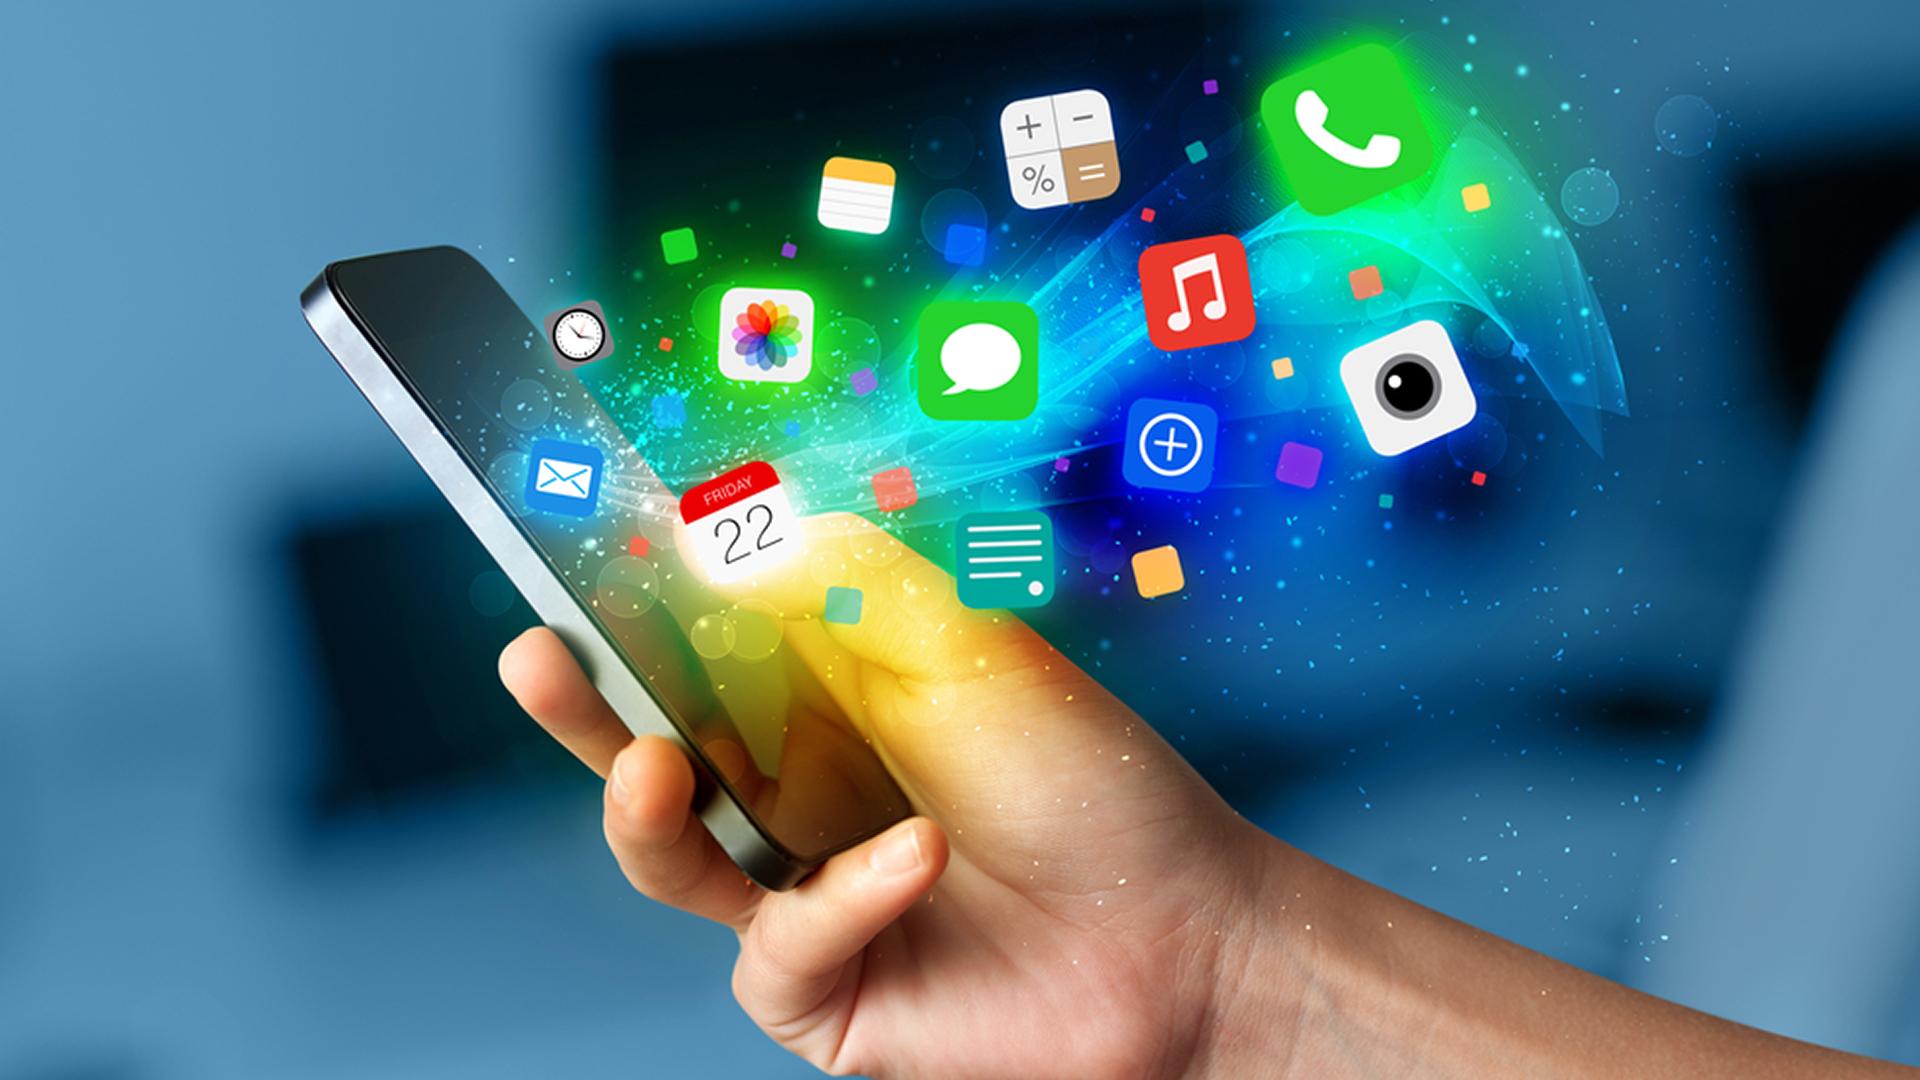 Las mejores tiendas de apps que hay para Android fuera de Google Play |  Tecnología - ComputerHoy.com